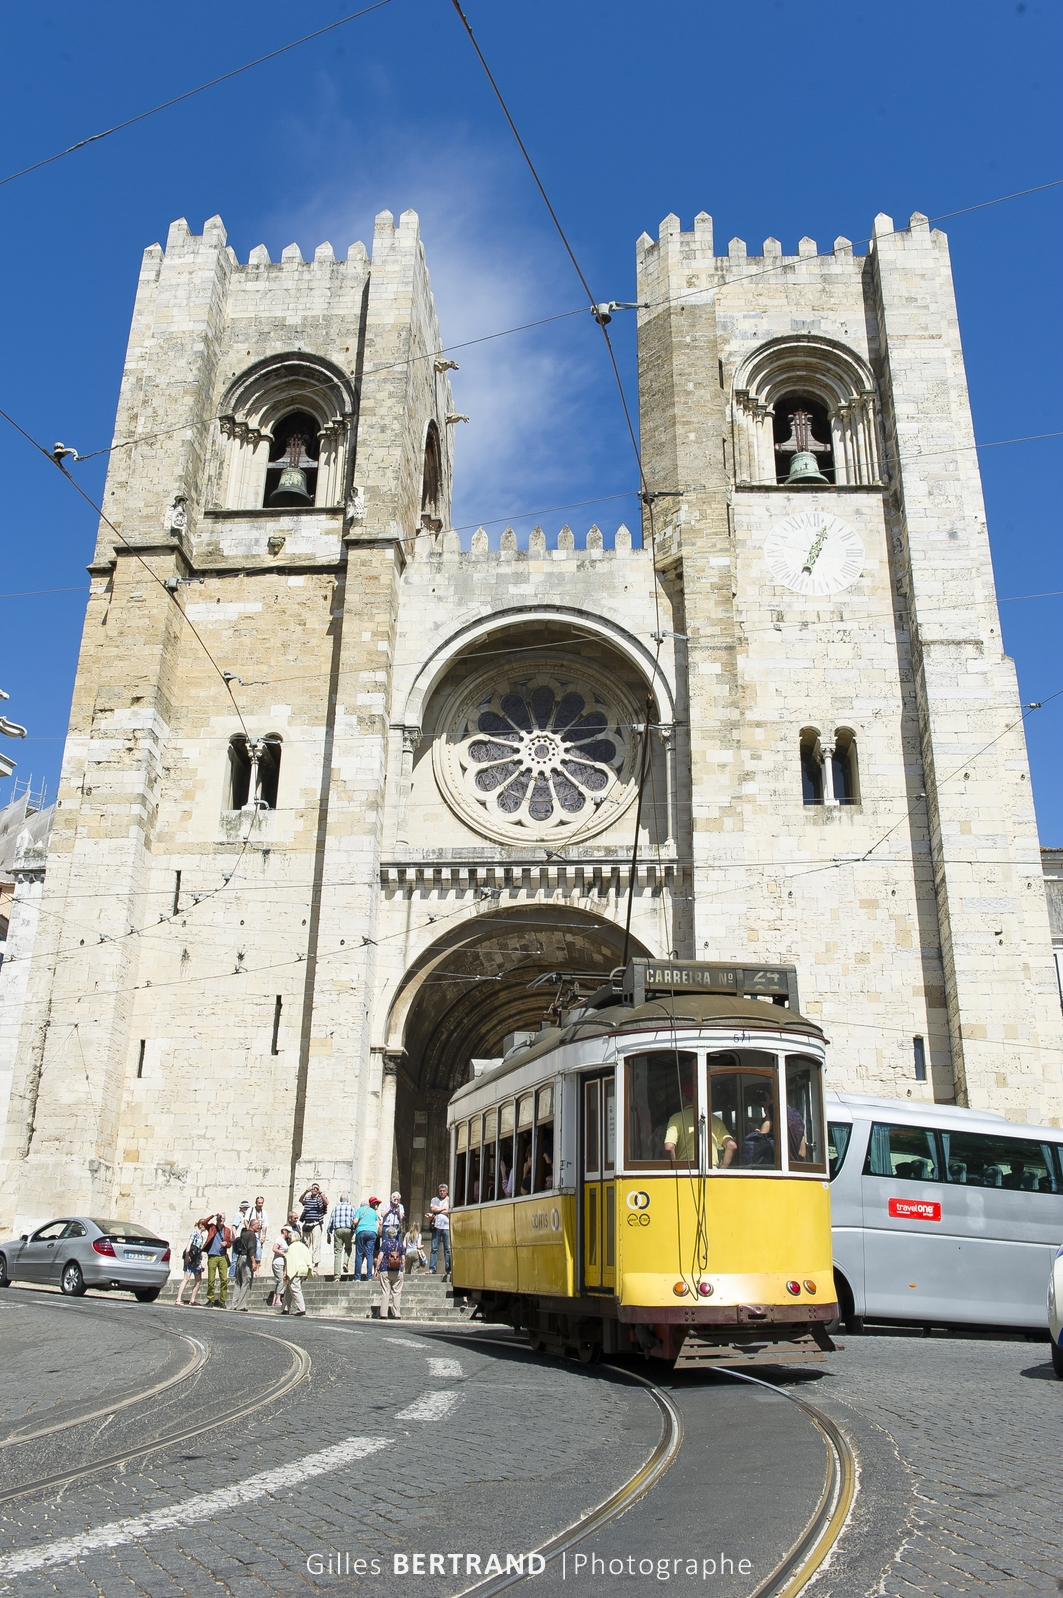 LISBONNE - Un tramway electrique jaune de la ligne 28E passe devant la cathedrale